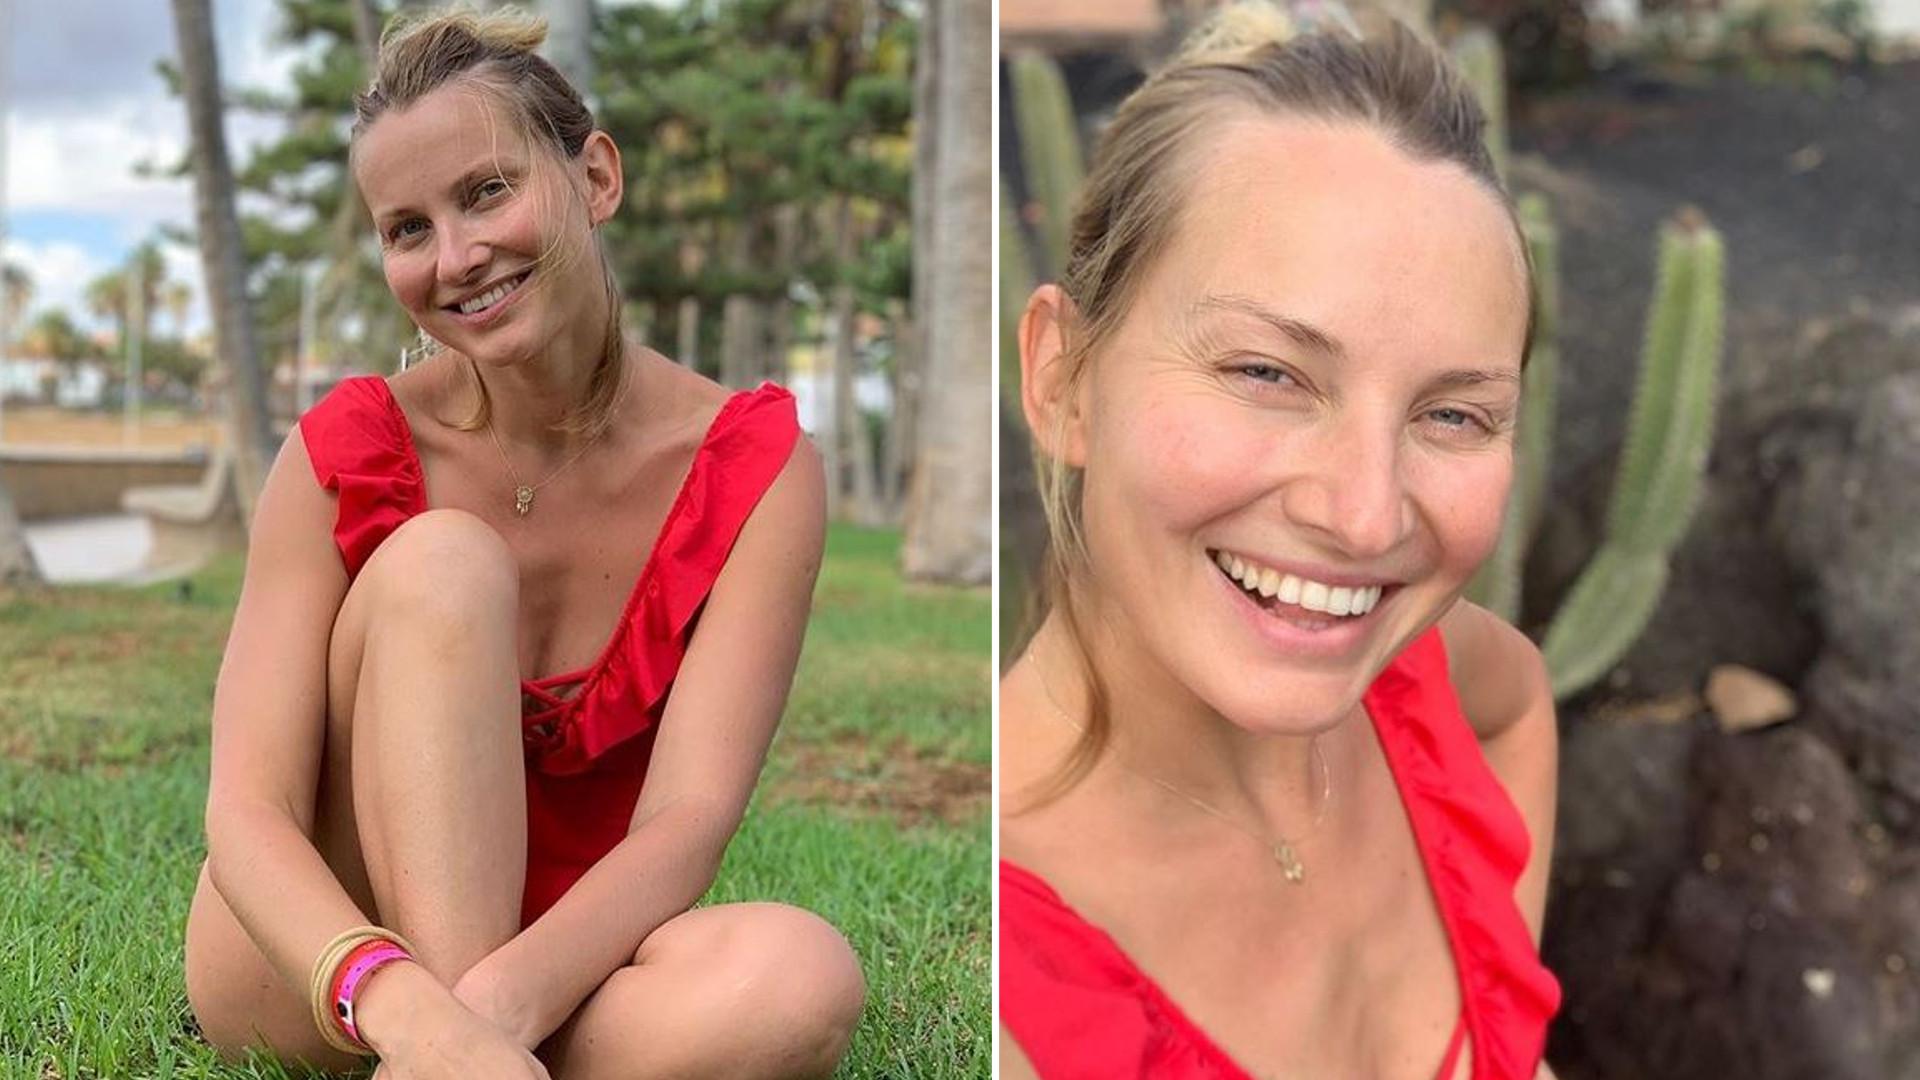 """Joanna Moro SKRYTYKOWANA za chodzenie topless przy dzieciach: """"Trochę to niesmaczne"""""""